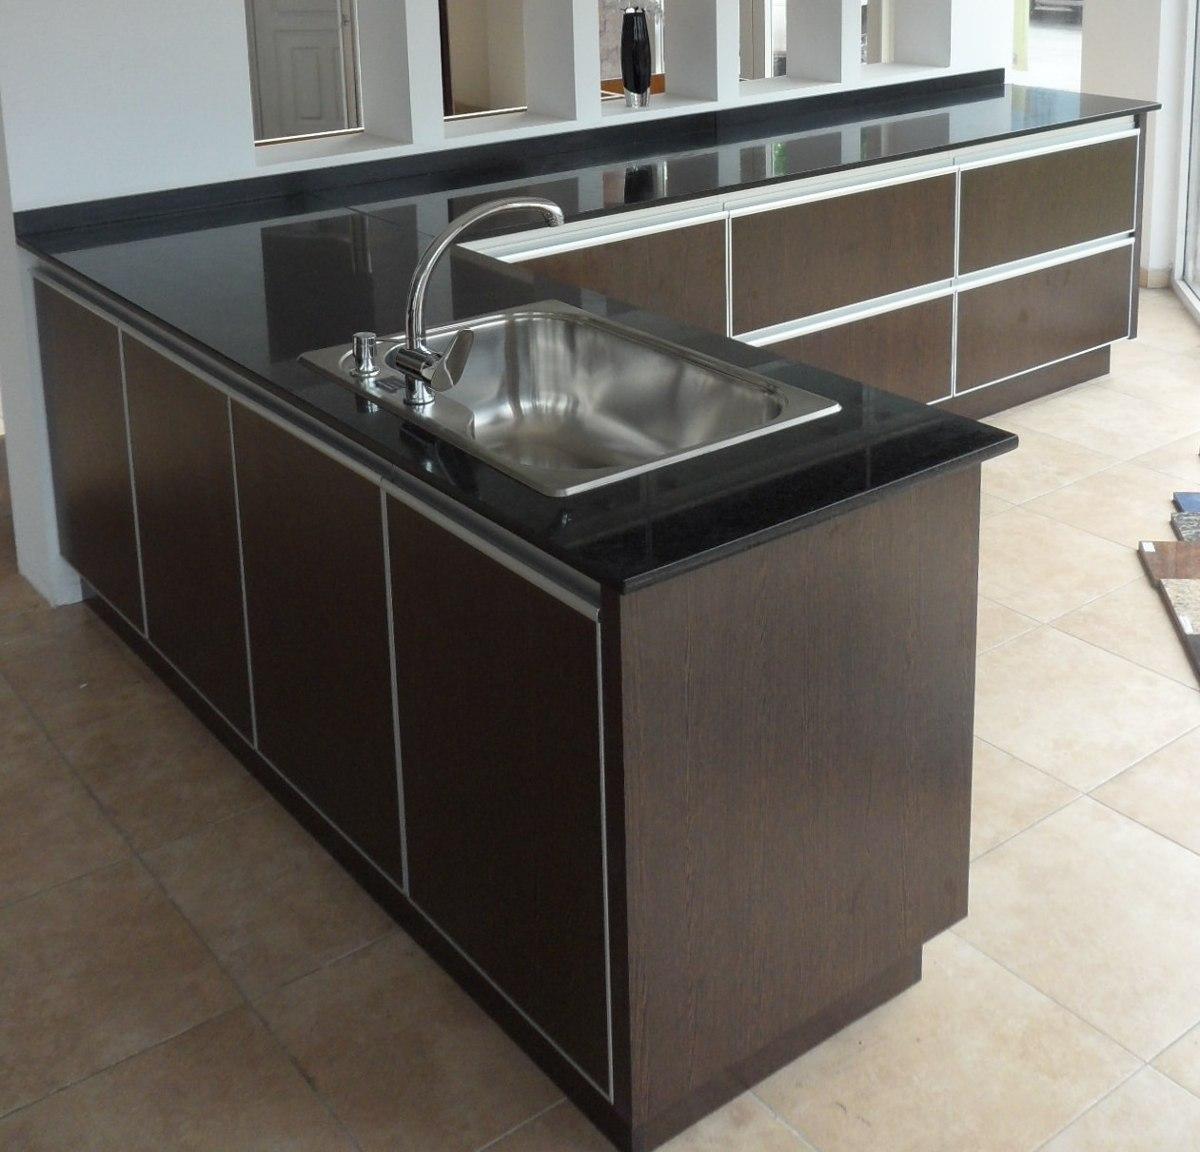 Mueble De Cocina Bajo L Aluminio Perfil J Amoblamientos Fl ...